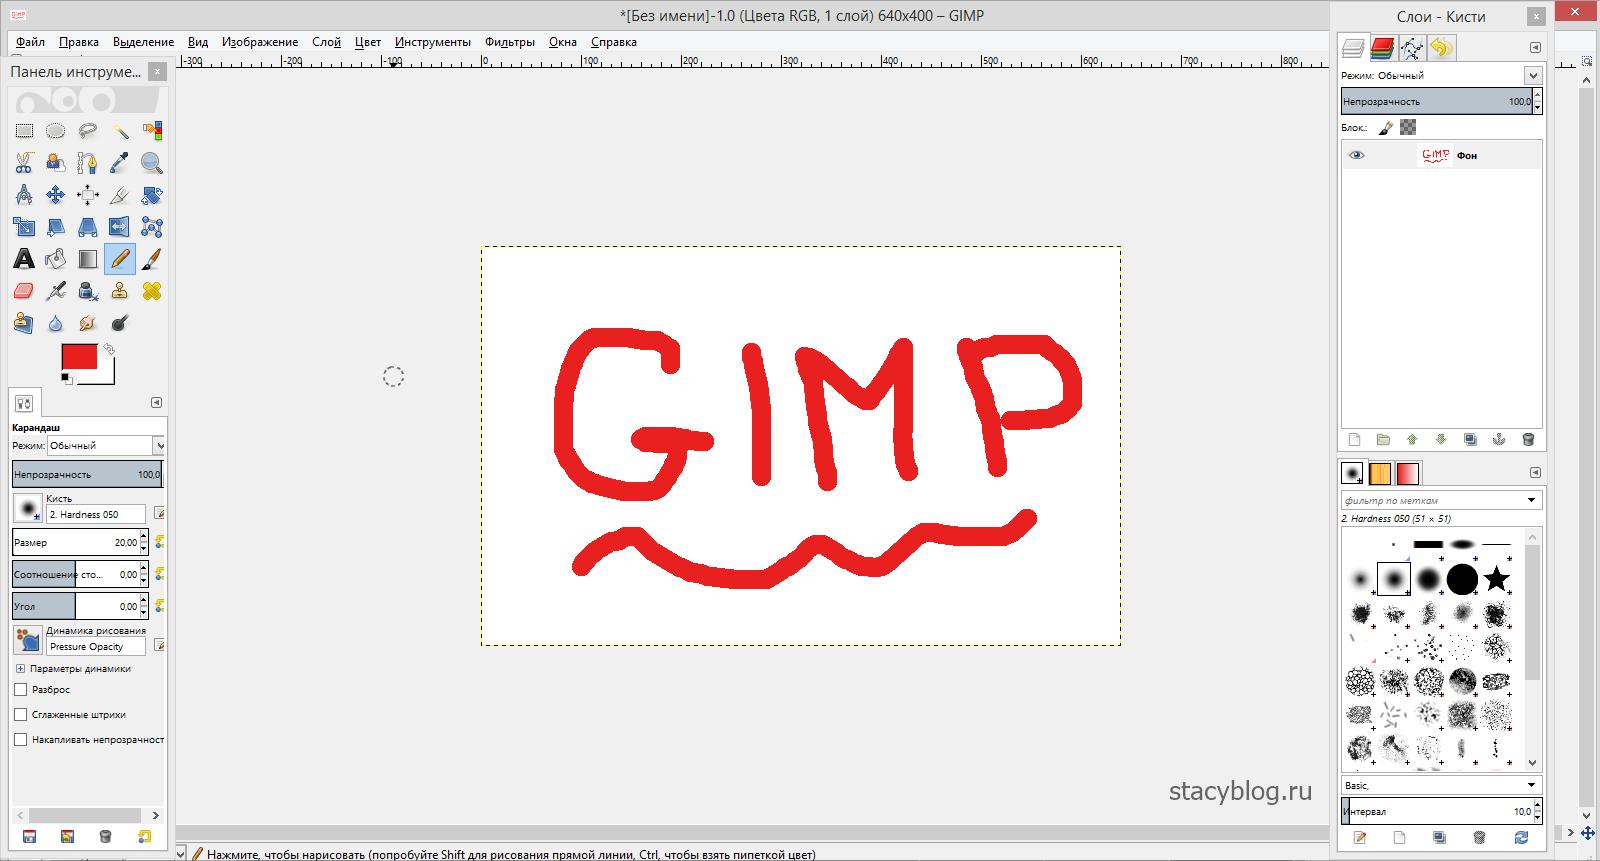 gimp знакомство с программой